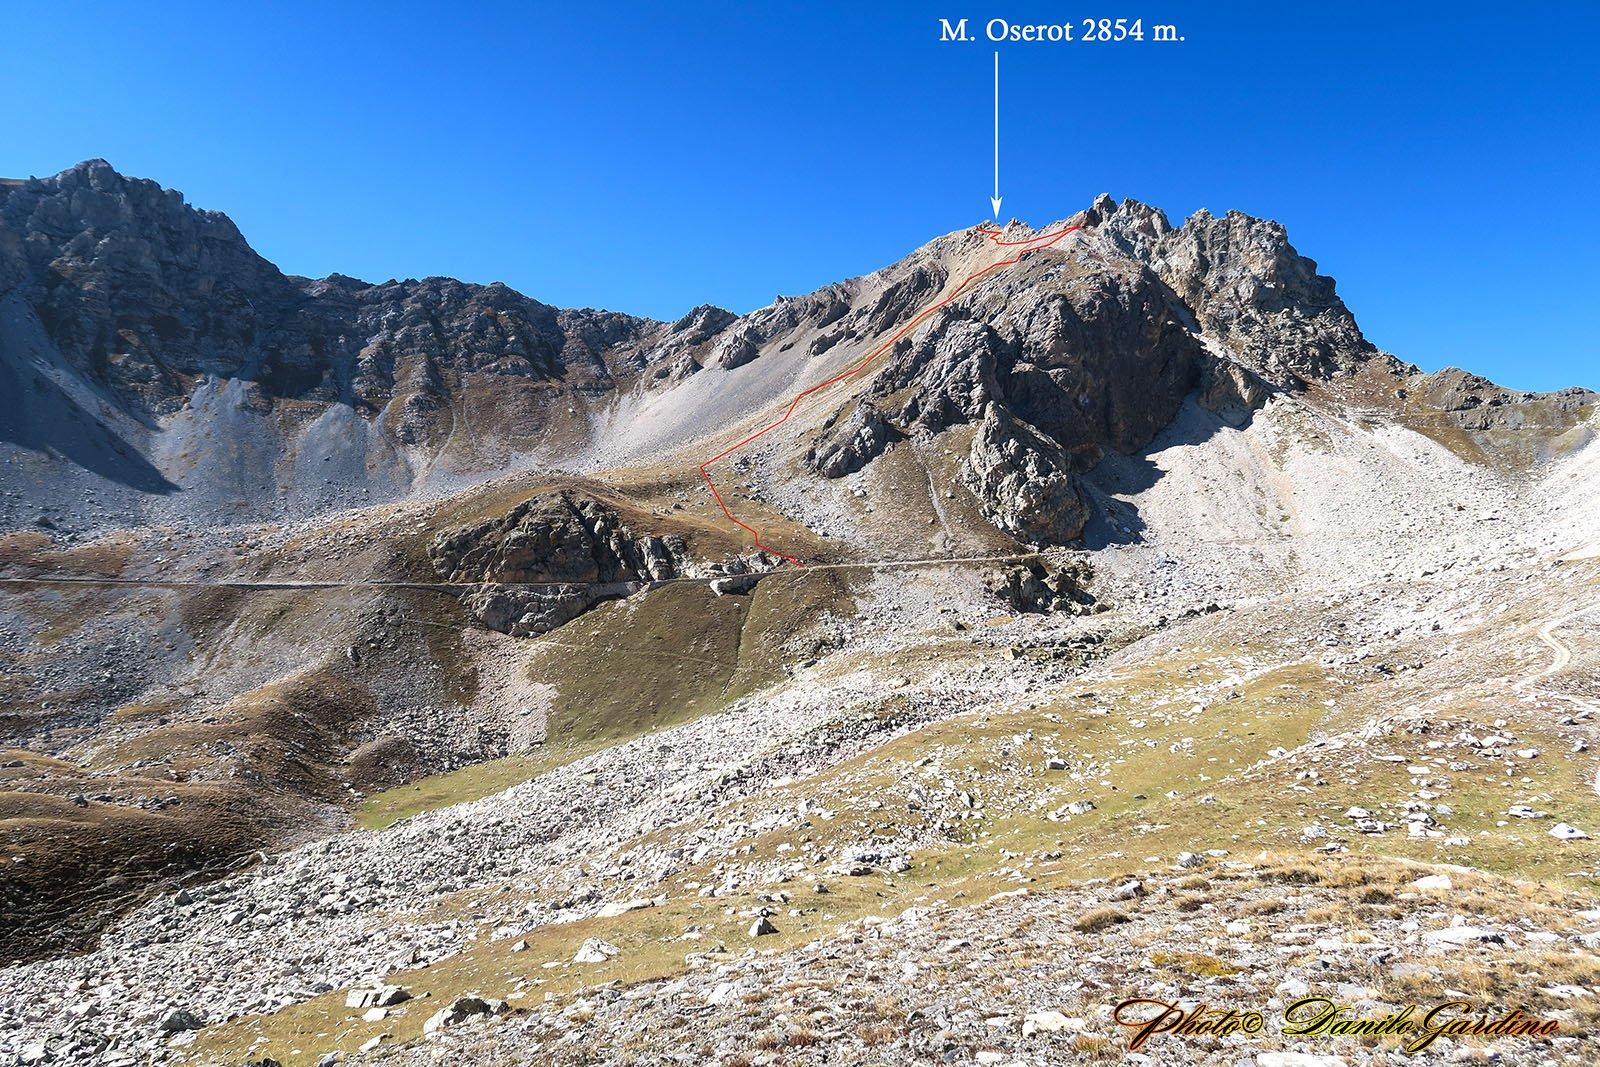 Il Monte Oserot e il sentiero di risalita